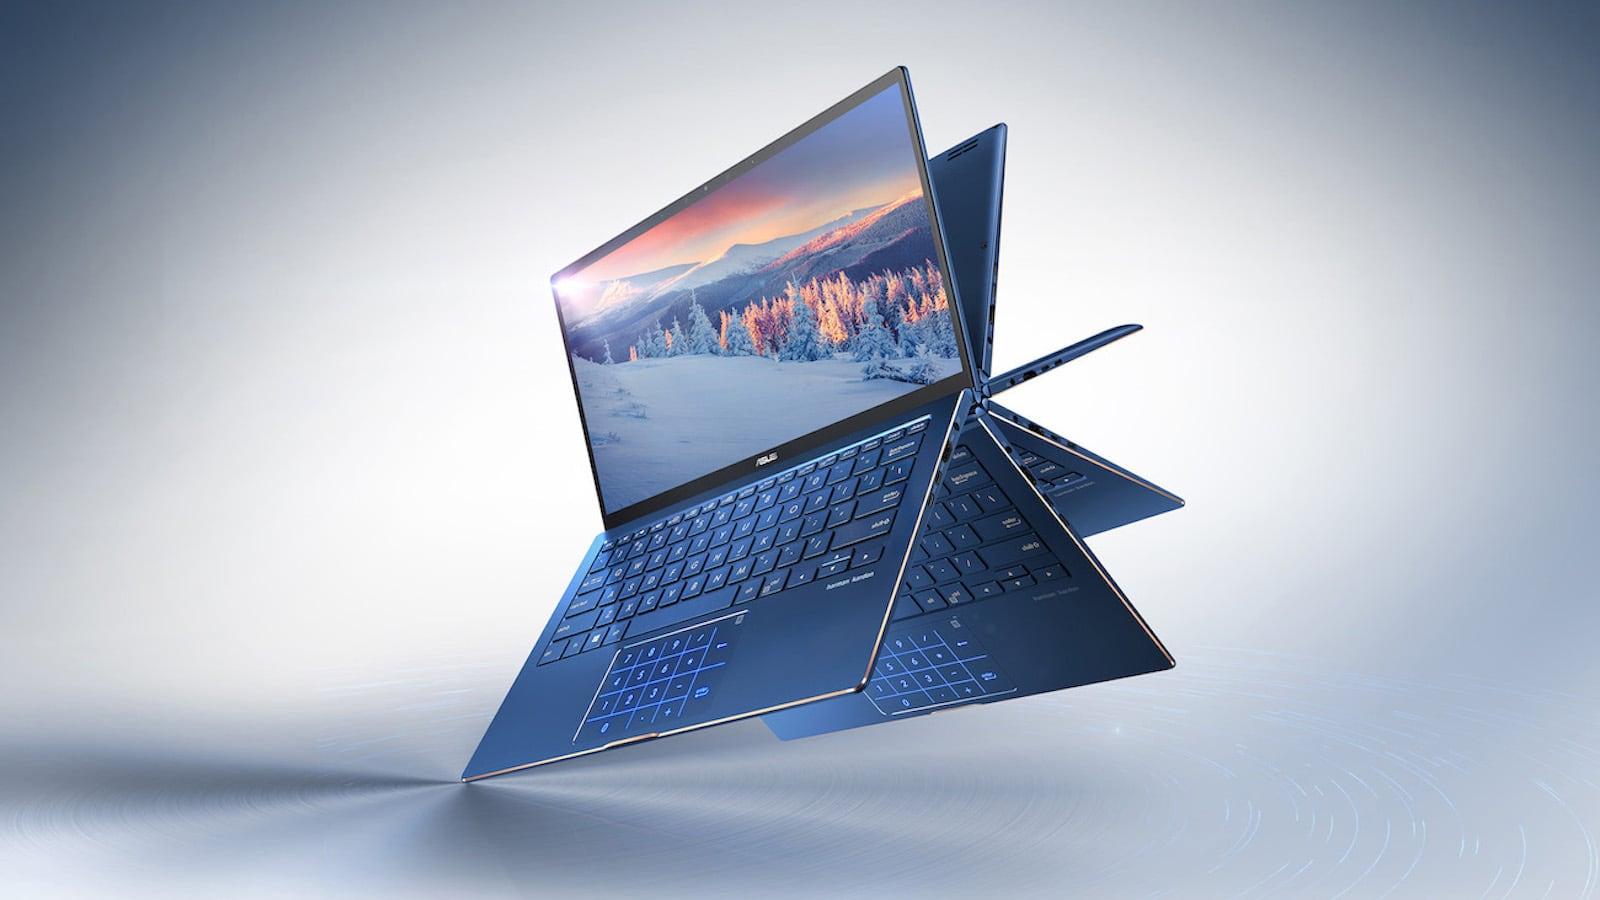 ASUS ZenBook Flip 13 UX363 Versatile Laptop